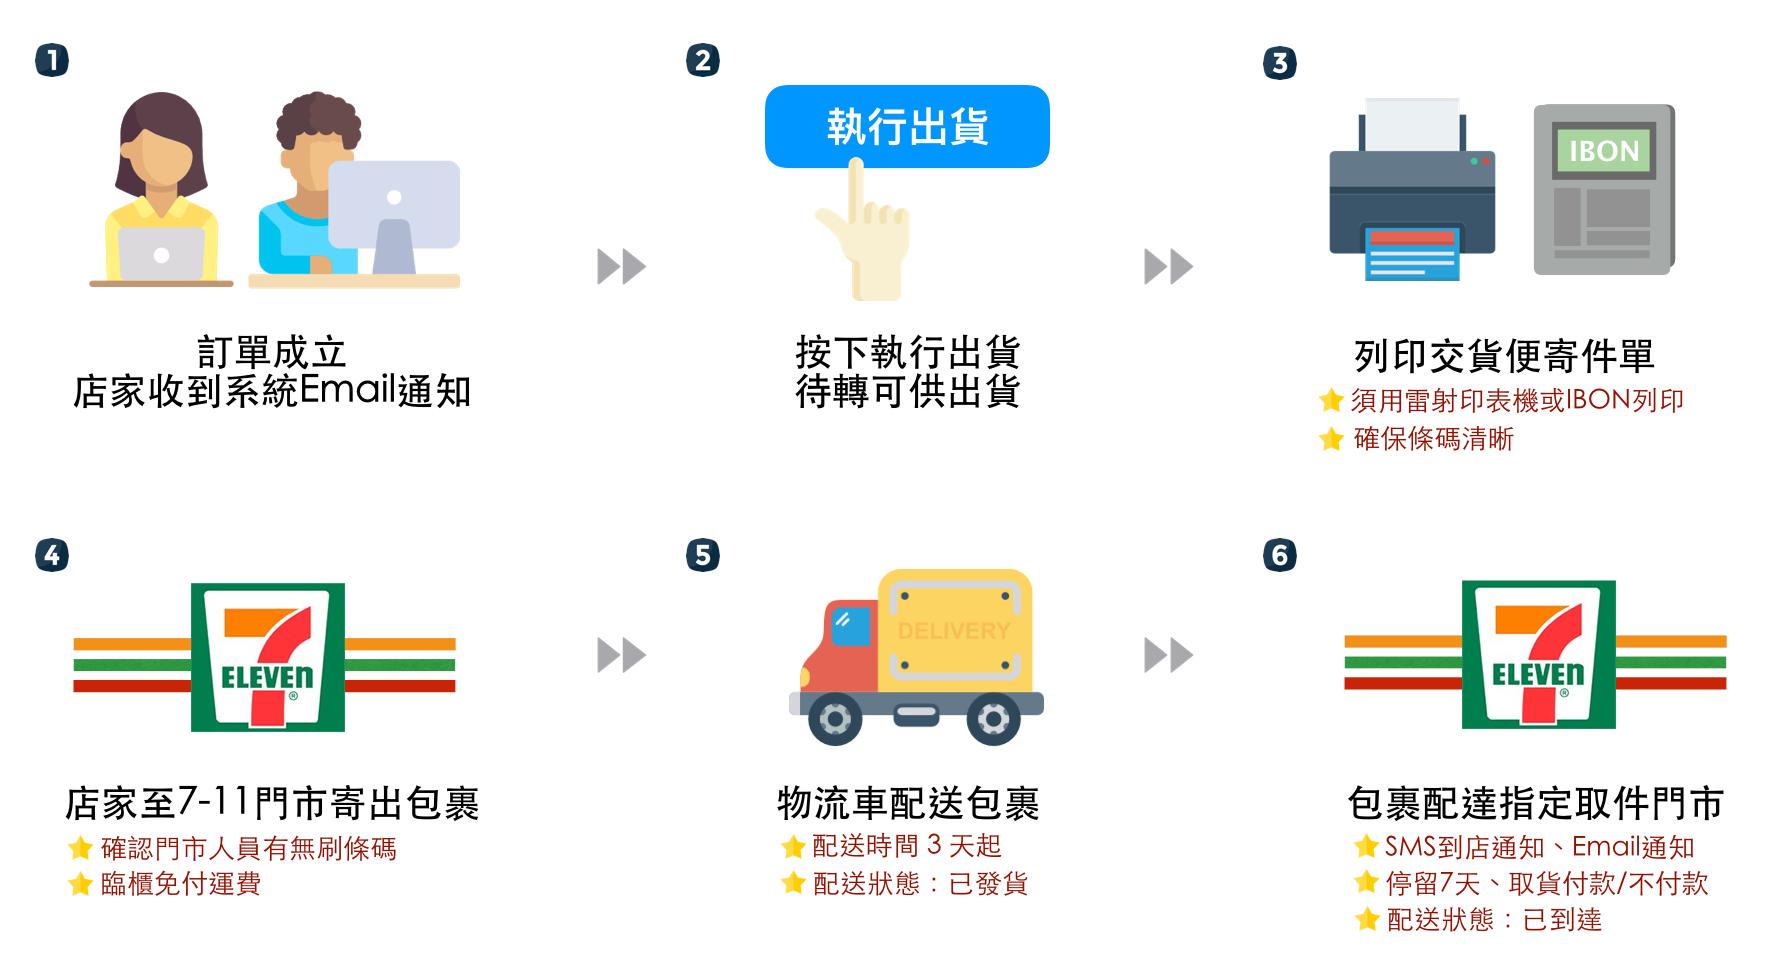 7-11 C2C 交貨便 出貨流程 – SHOPLINE 常見問題